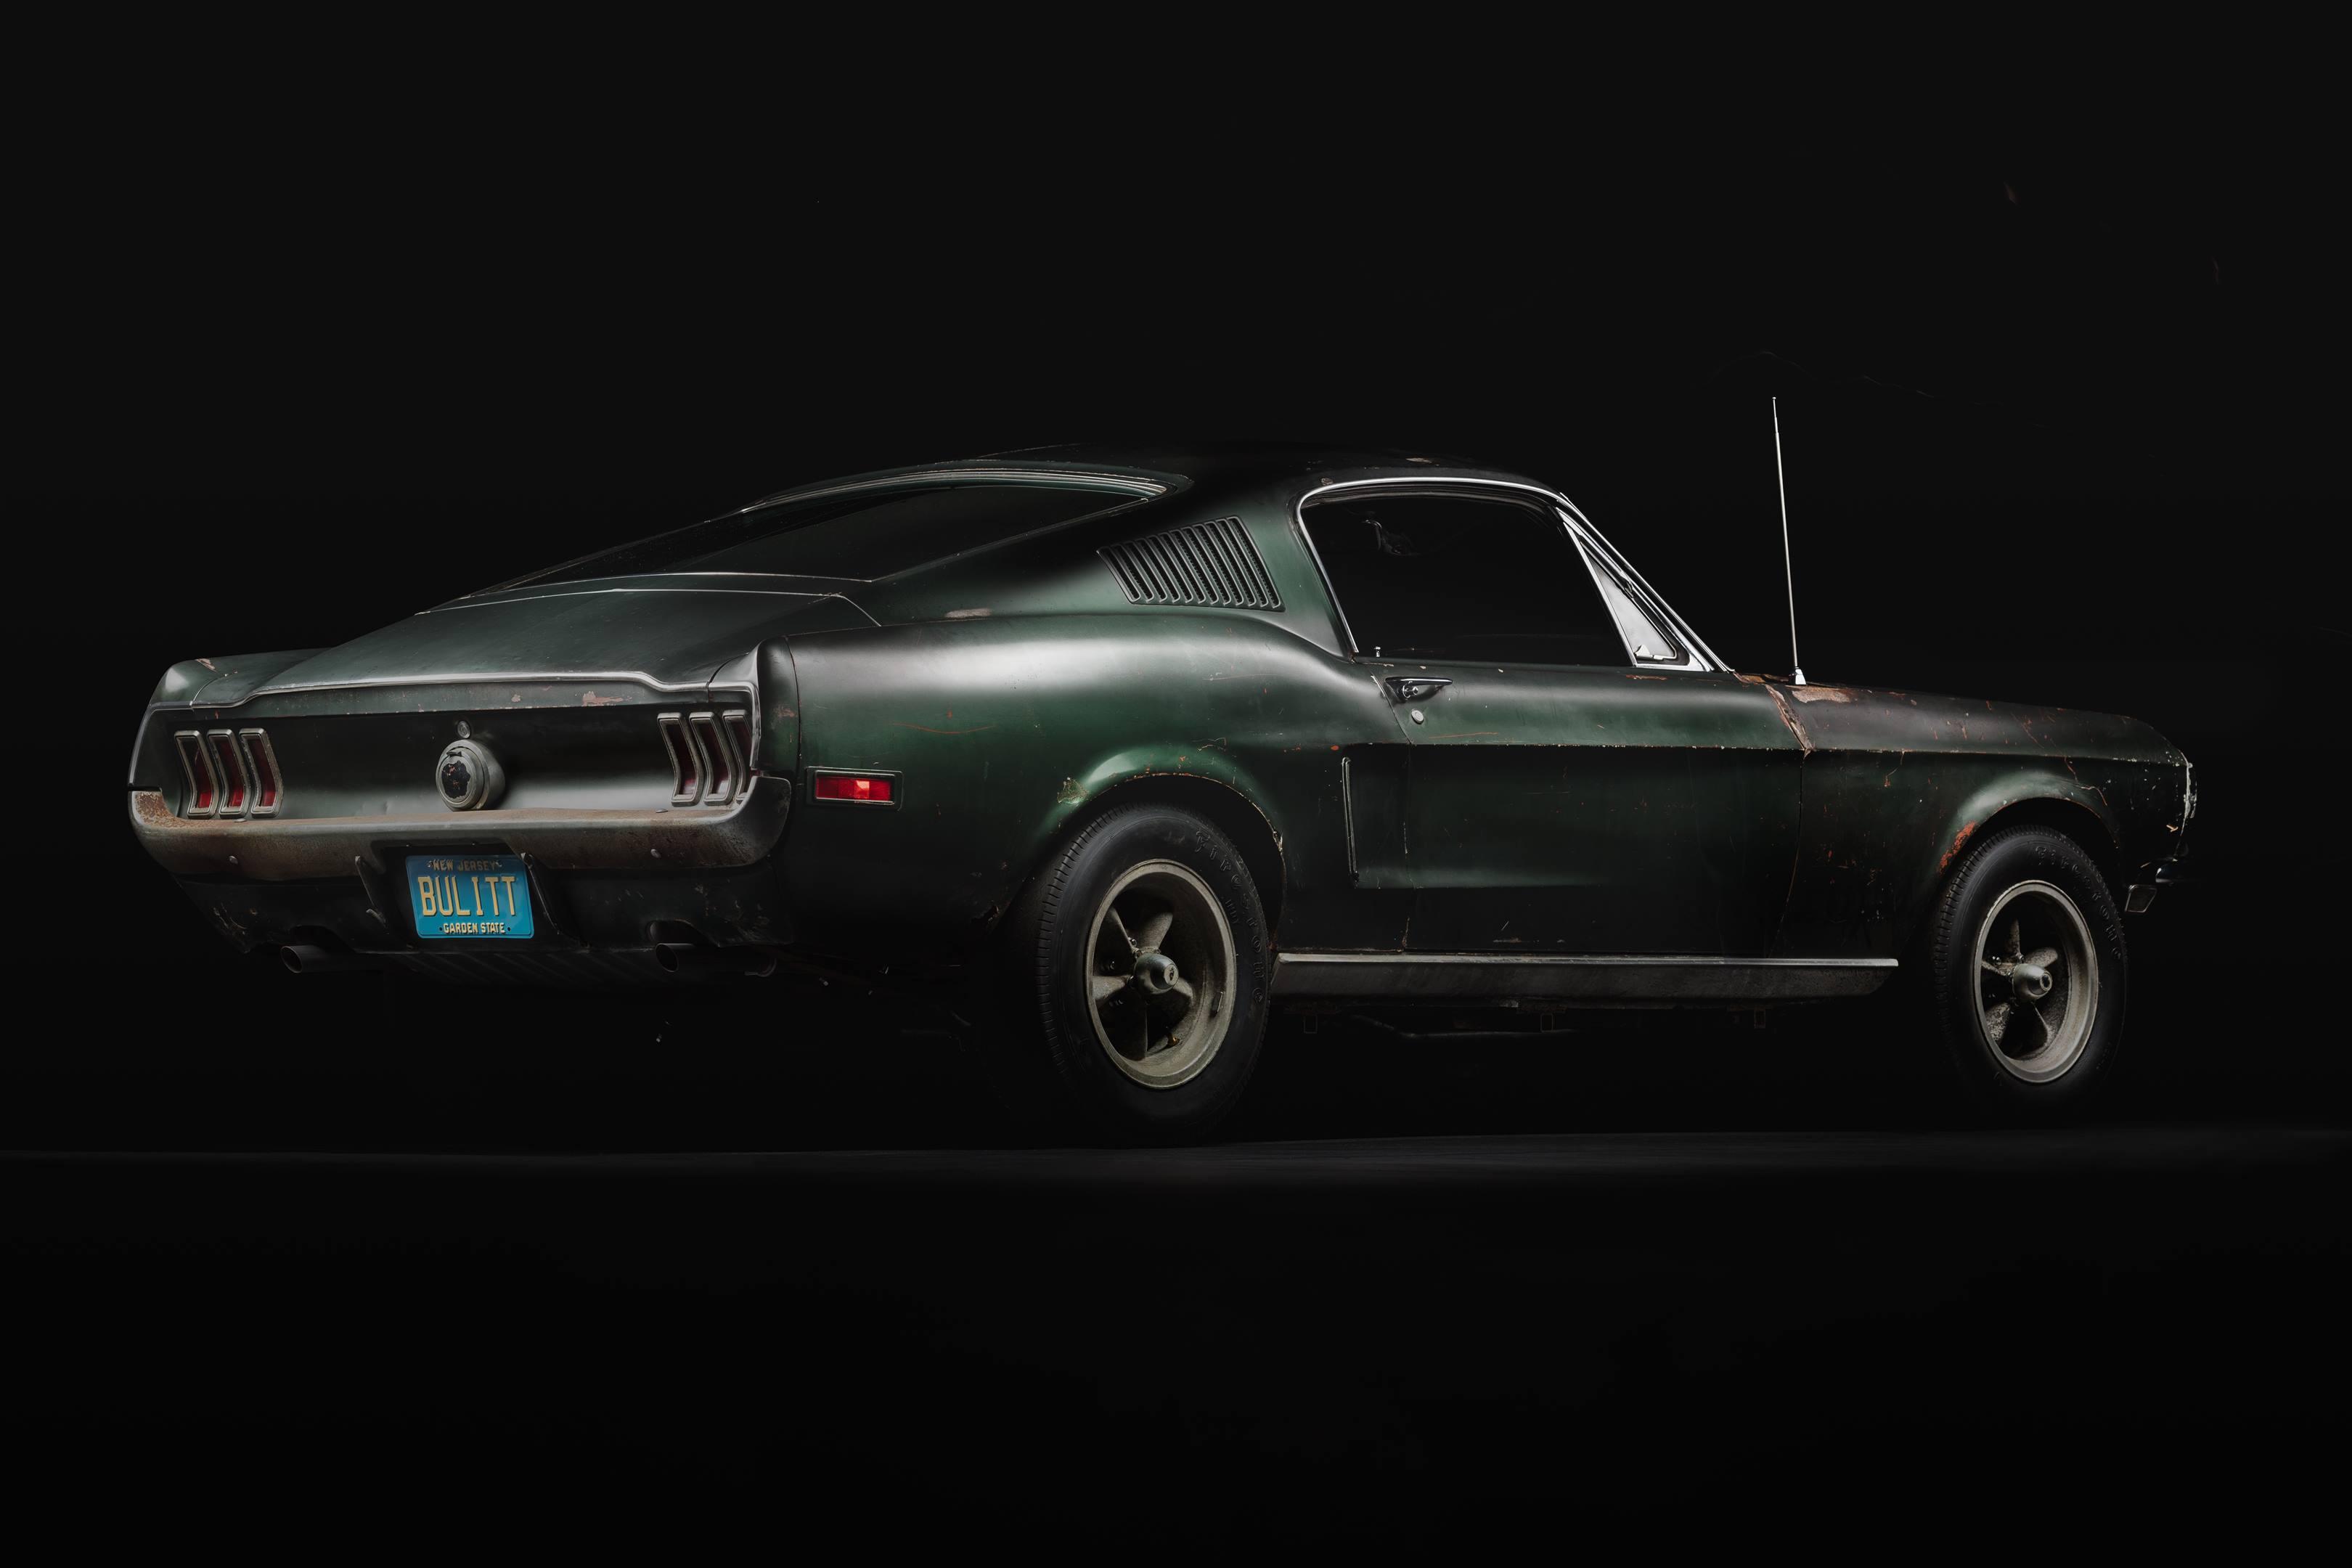 Bullitt Mustang rear 3/4